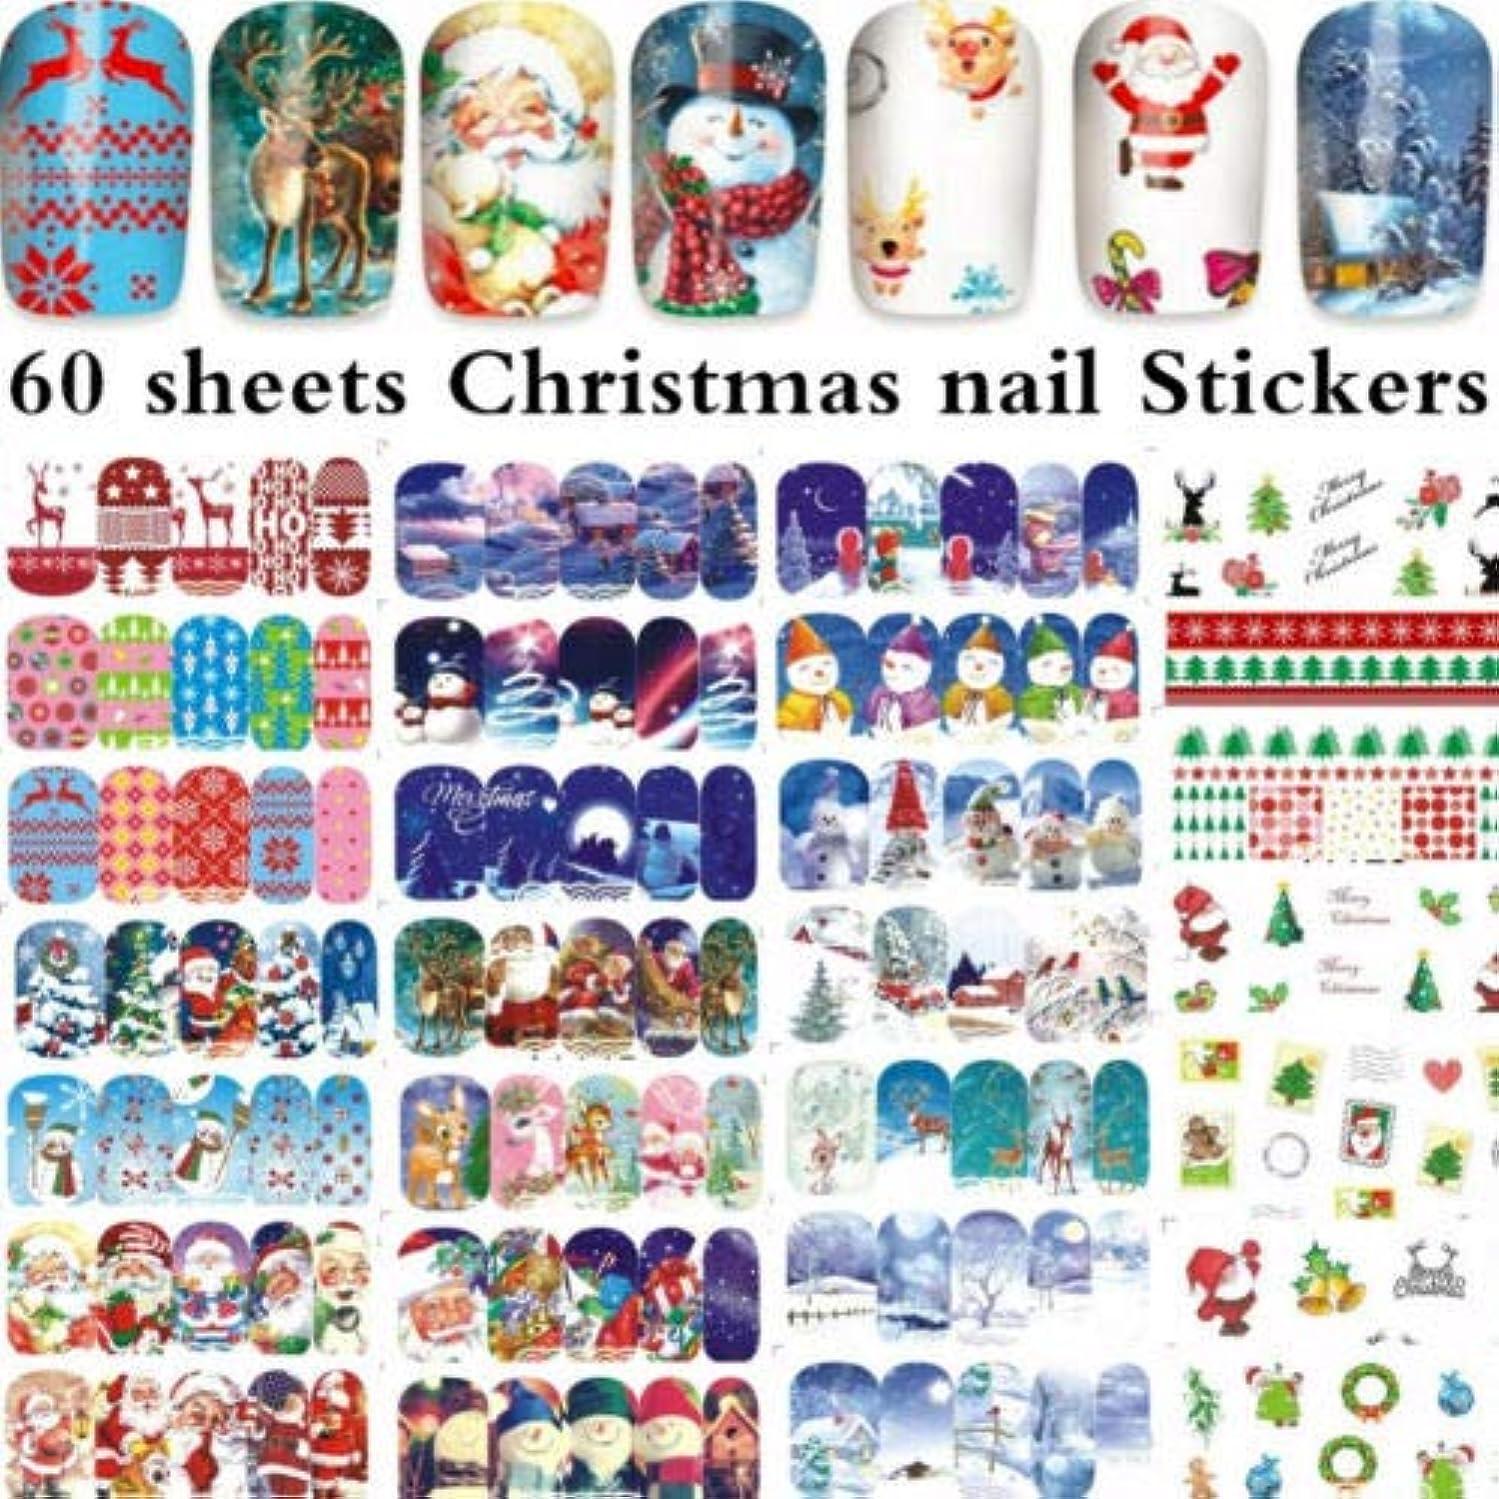 すり減る平和的よりFidgetGear 60枚のクリスマスサンタクロースネイルアート水転写ステッカーのヒントA1129-88#